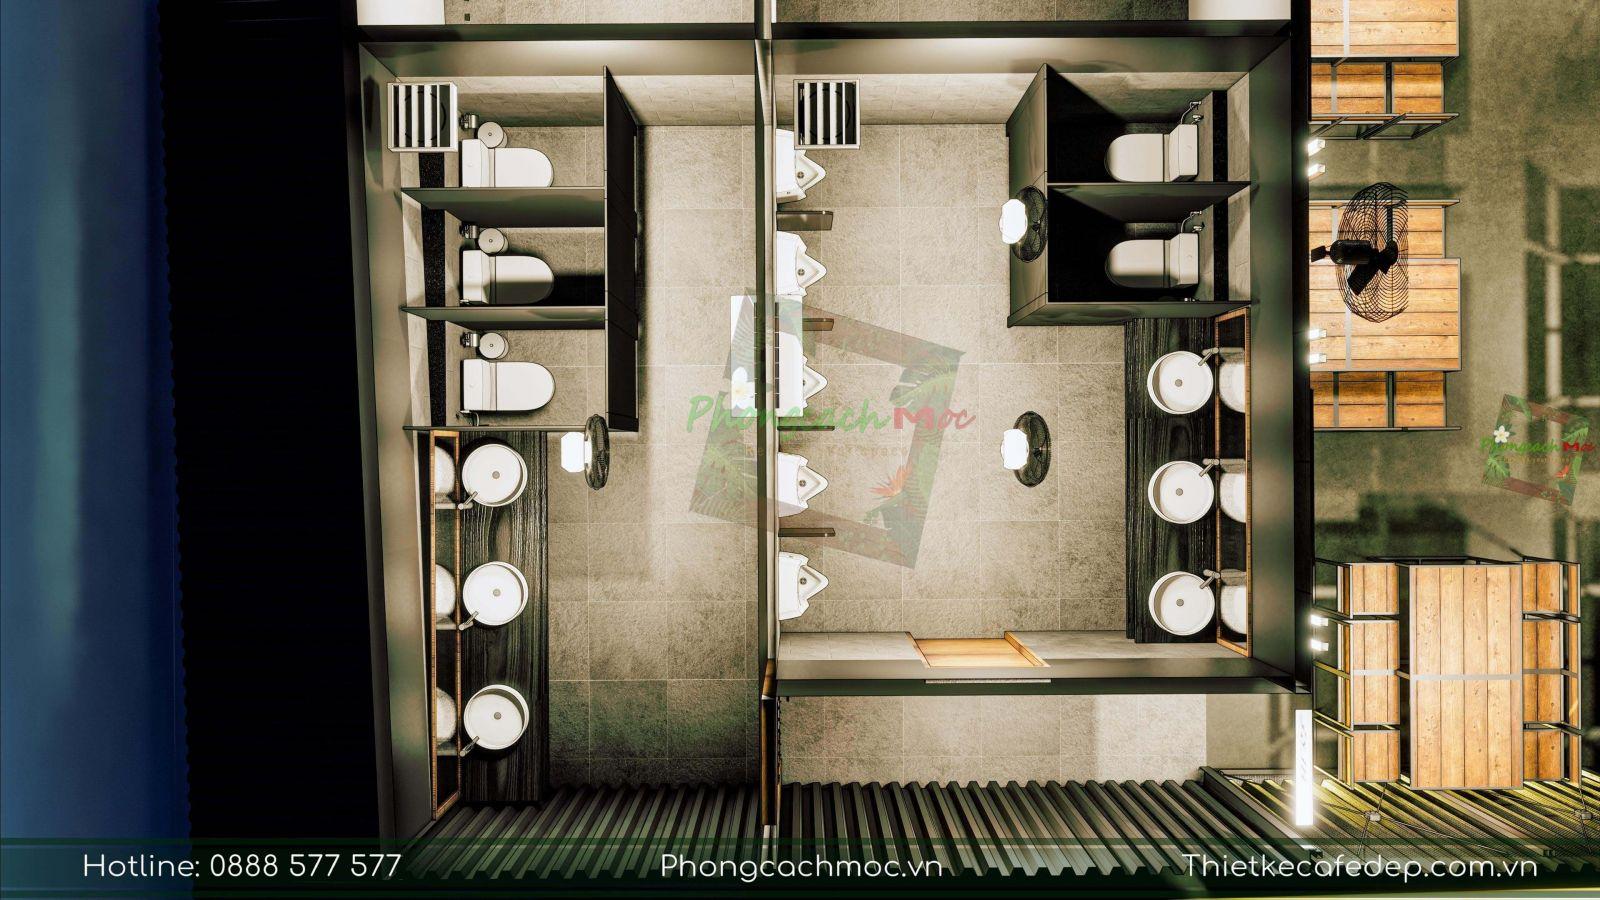 thiết kế nhà hàng 5ku chủ đề nhà thép tiền chế